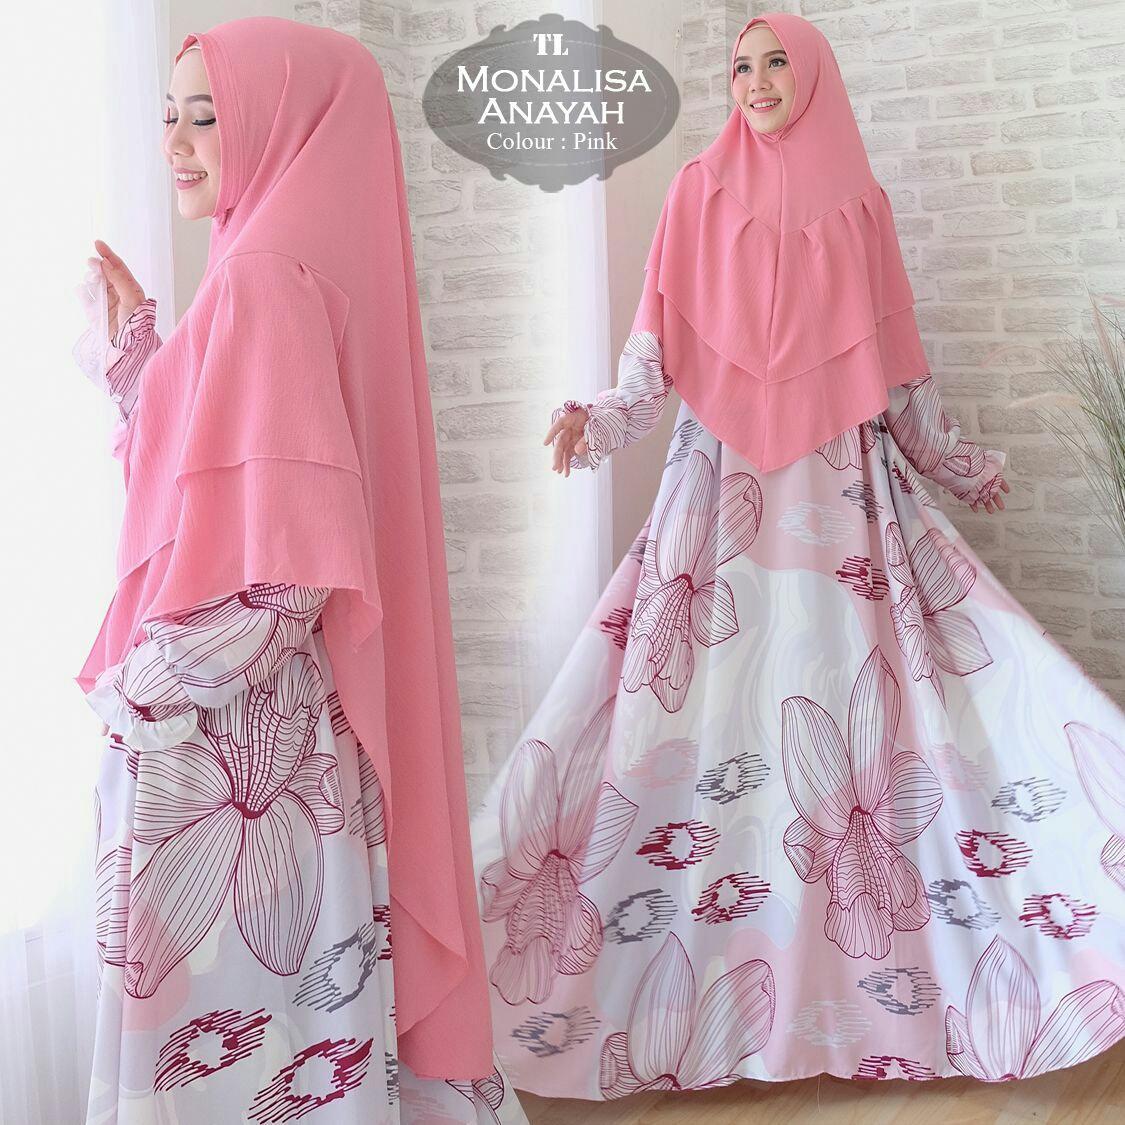 Jual Beli Humaira99 Gamis Syari Jumbo Muslim Dress Hijab Muslimah Atasan Wanita Monalisa Xxl Di Dki Jakarta